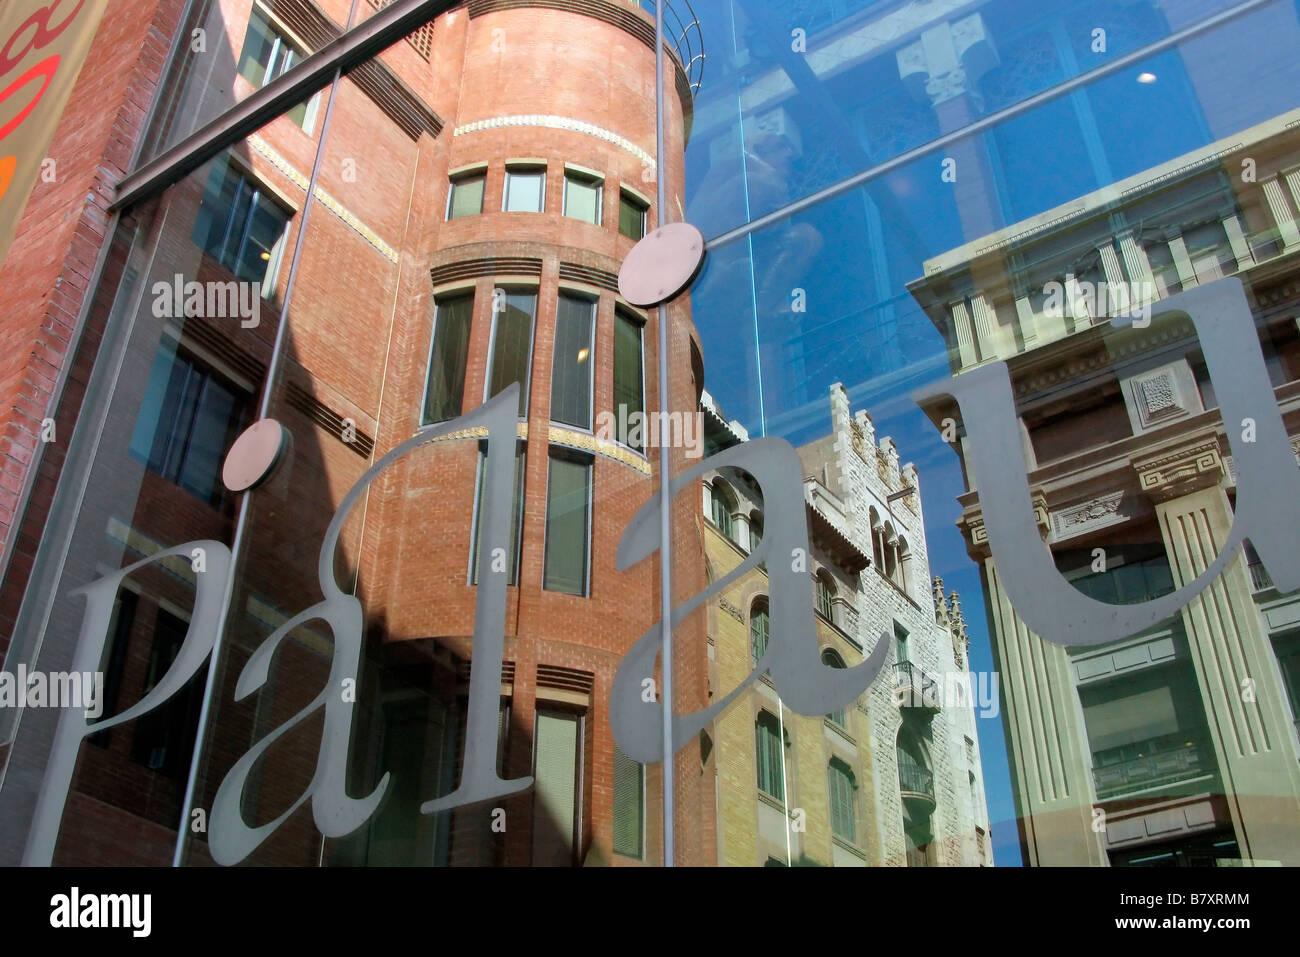 Fachada del Palacio de la música el PALAU DE LA MÚSICA CATALANA EN BARCELONA BARRIO DE LA RIBERA Imagen De Stock